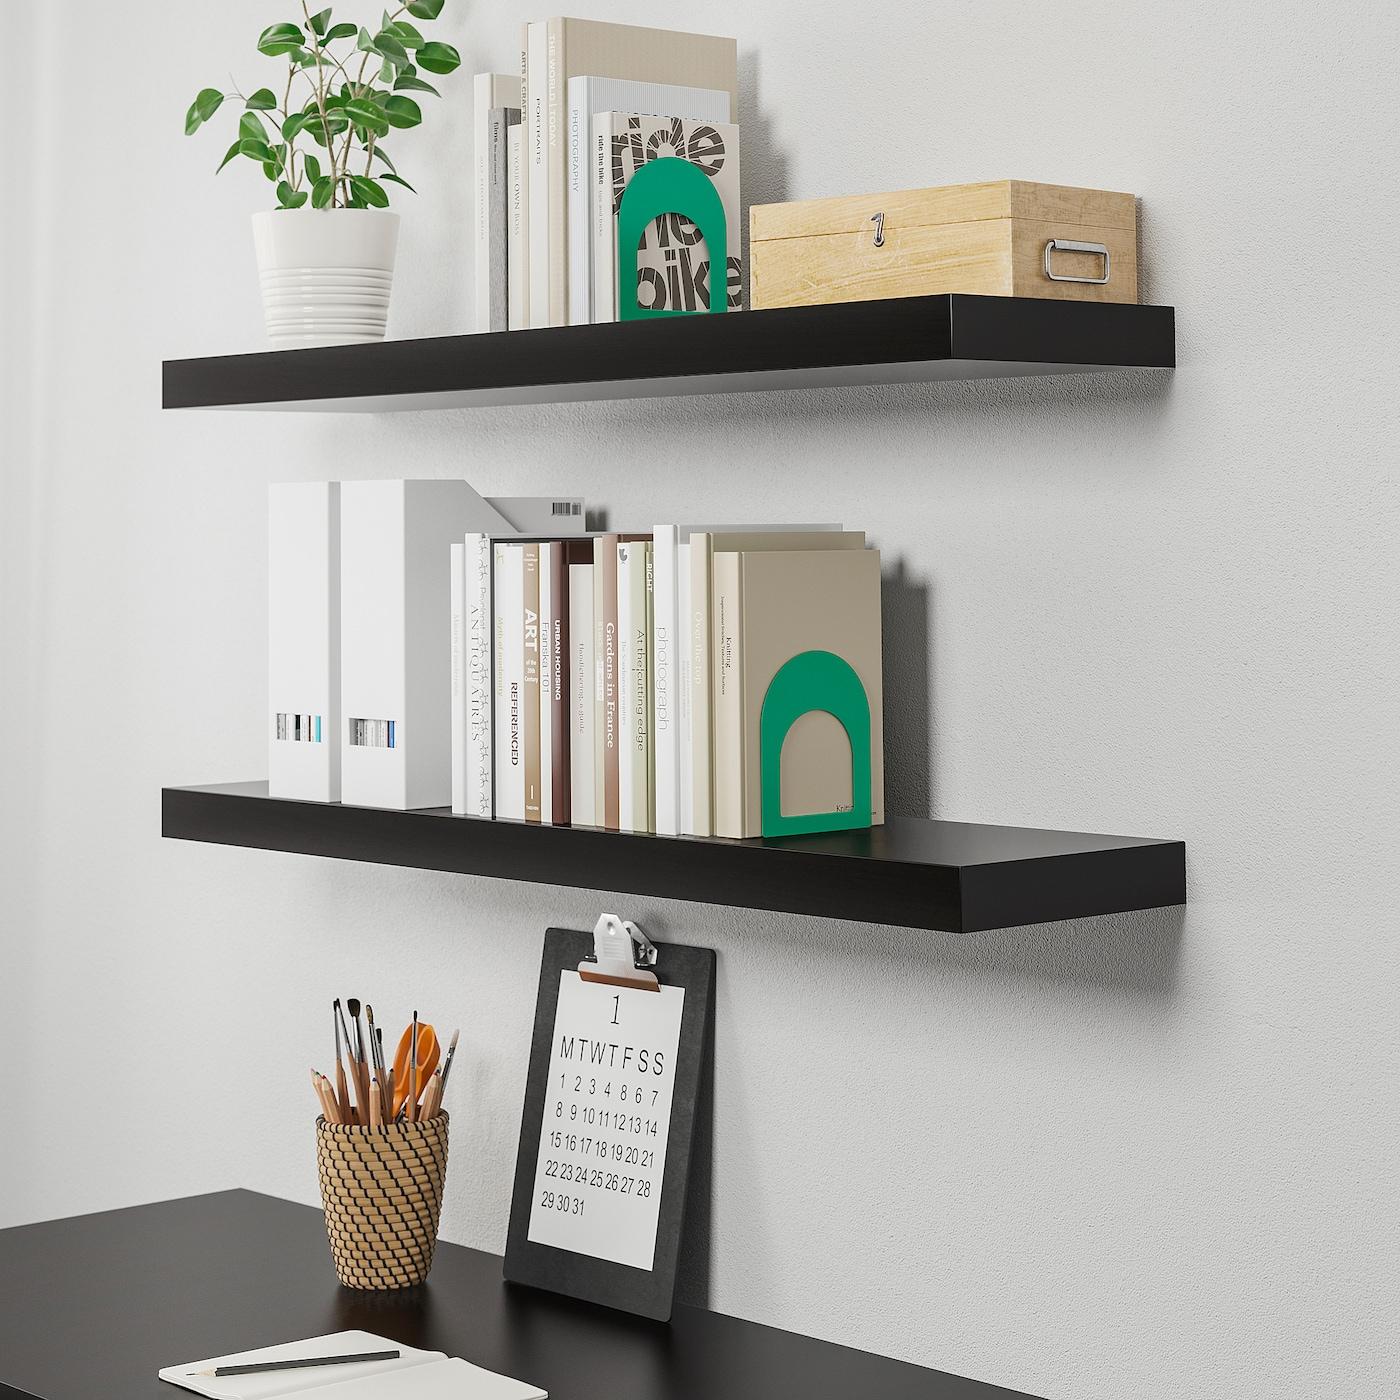 33 idee arredo per utilizzare le mensole Lack IKEA come